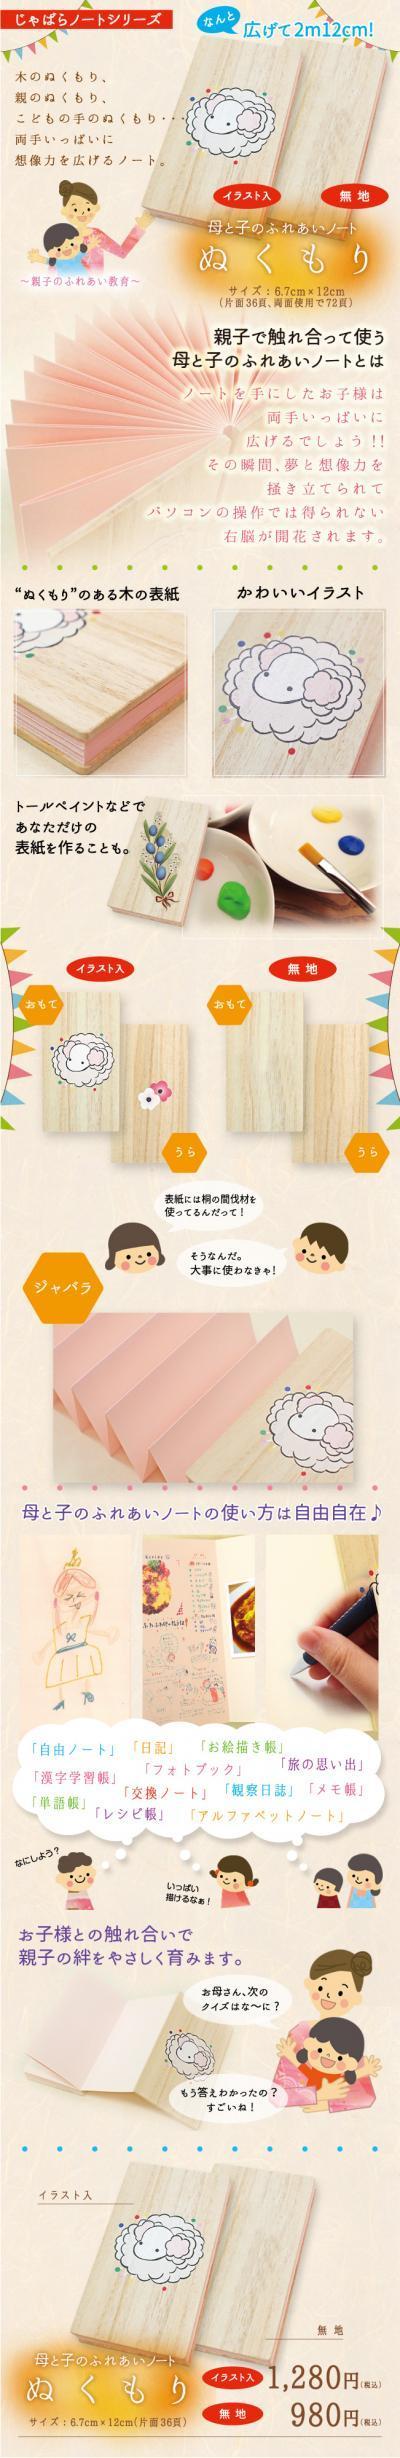 nukumori_convert_20170325112042.jpg